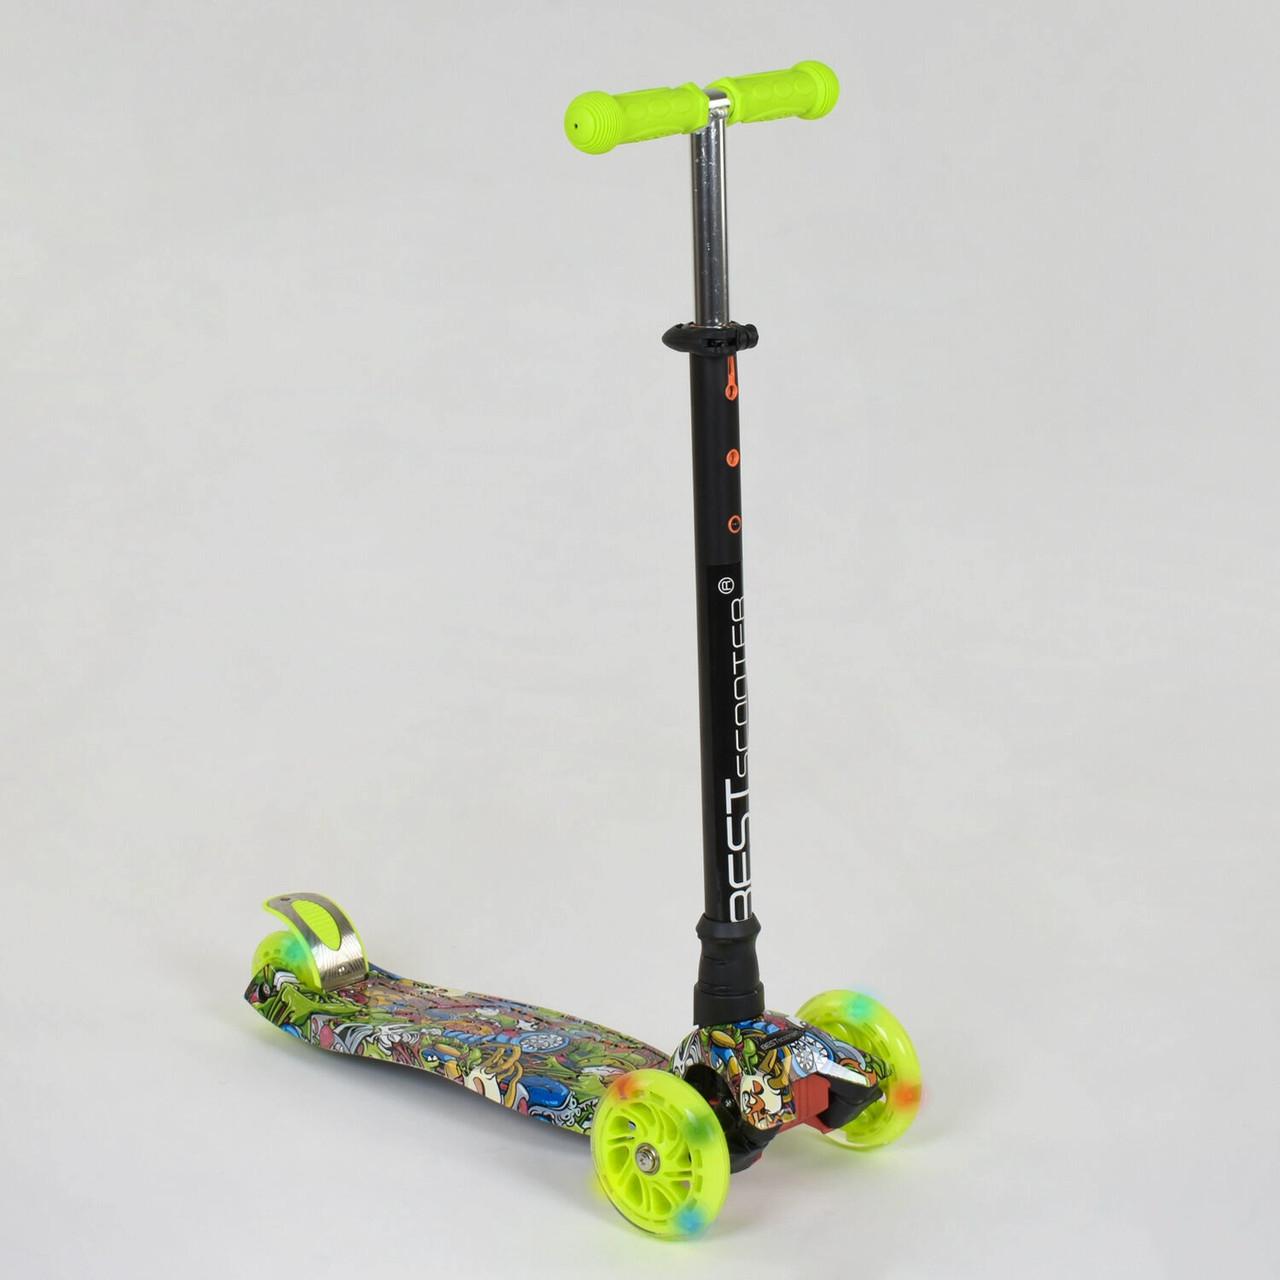 Самокат-кикборд Best Scooter Салатовый трехколесный самокат для ребенка от 2-х лет Очень устойчив